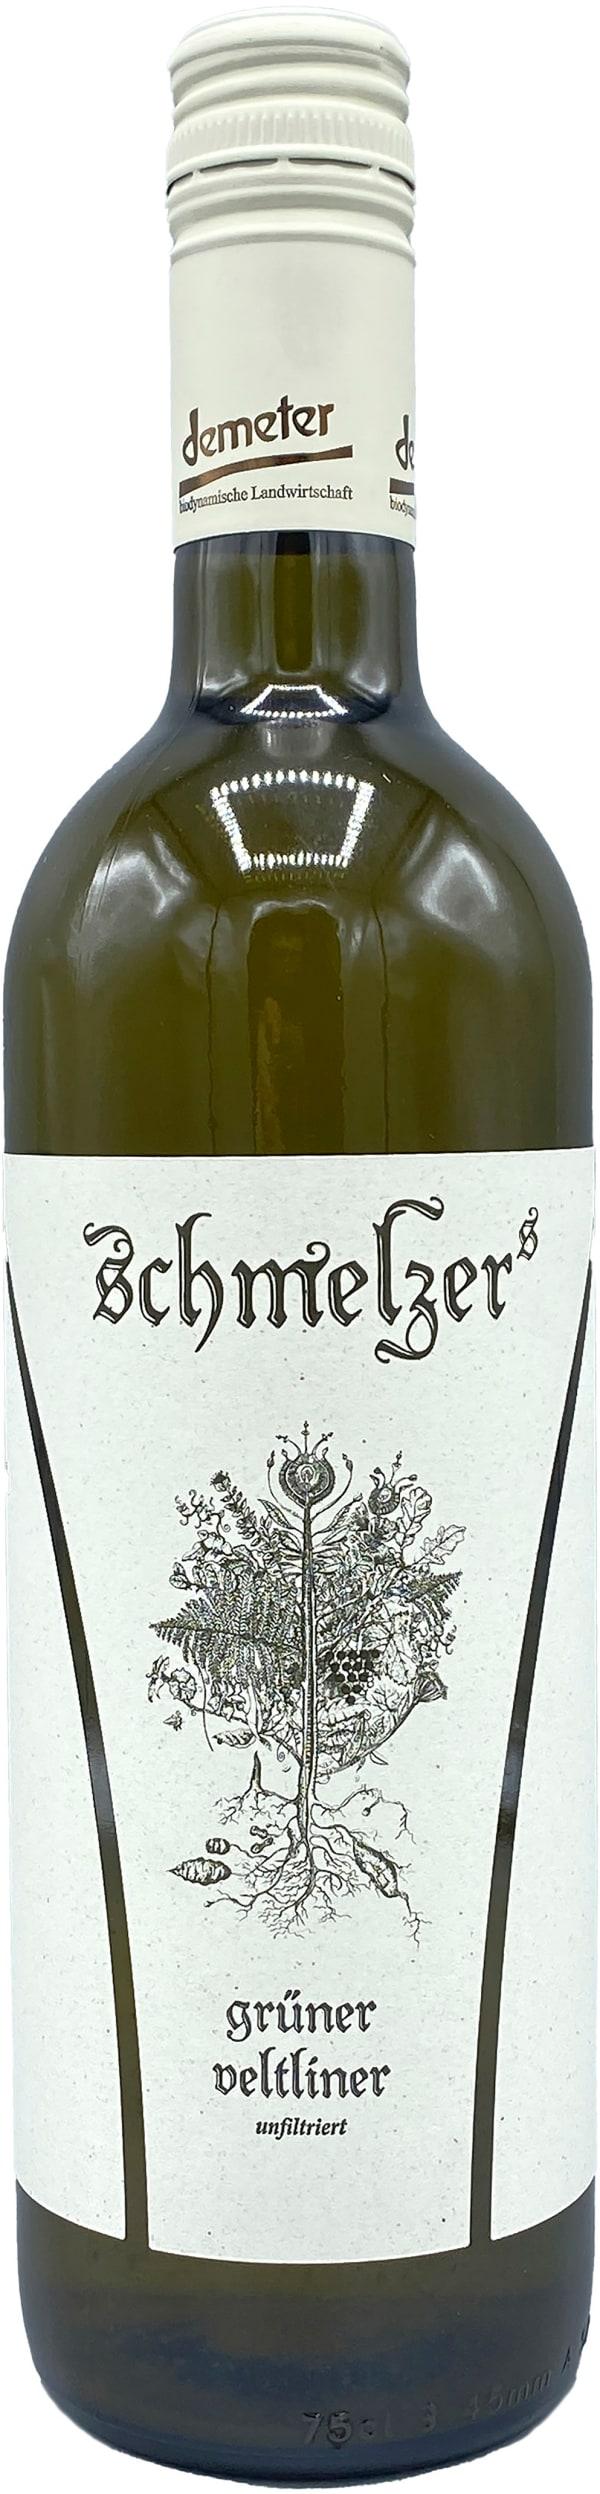 Schmelzer Gruner Veltliner 2019